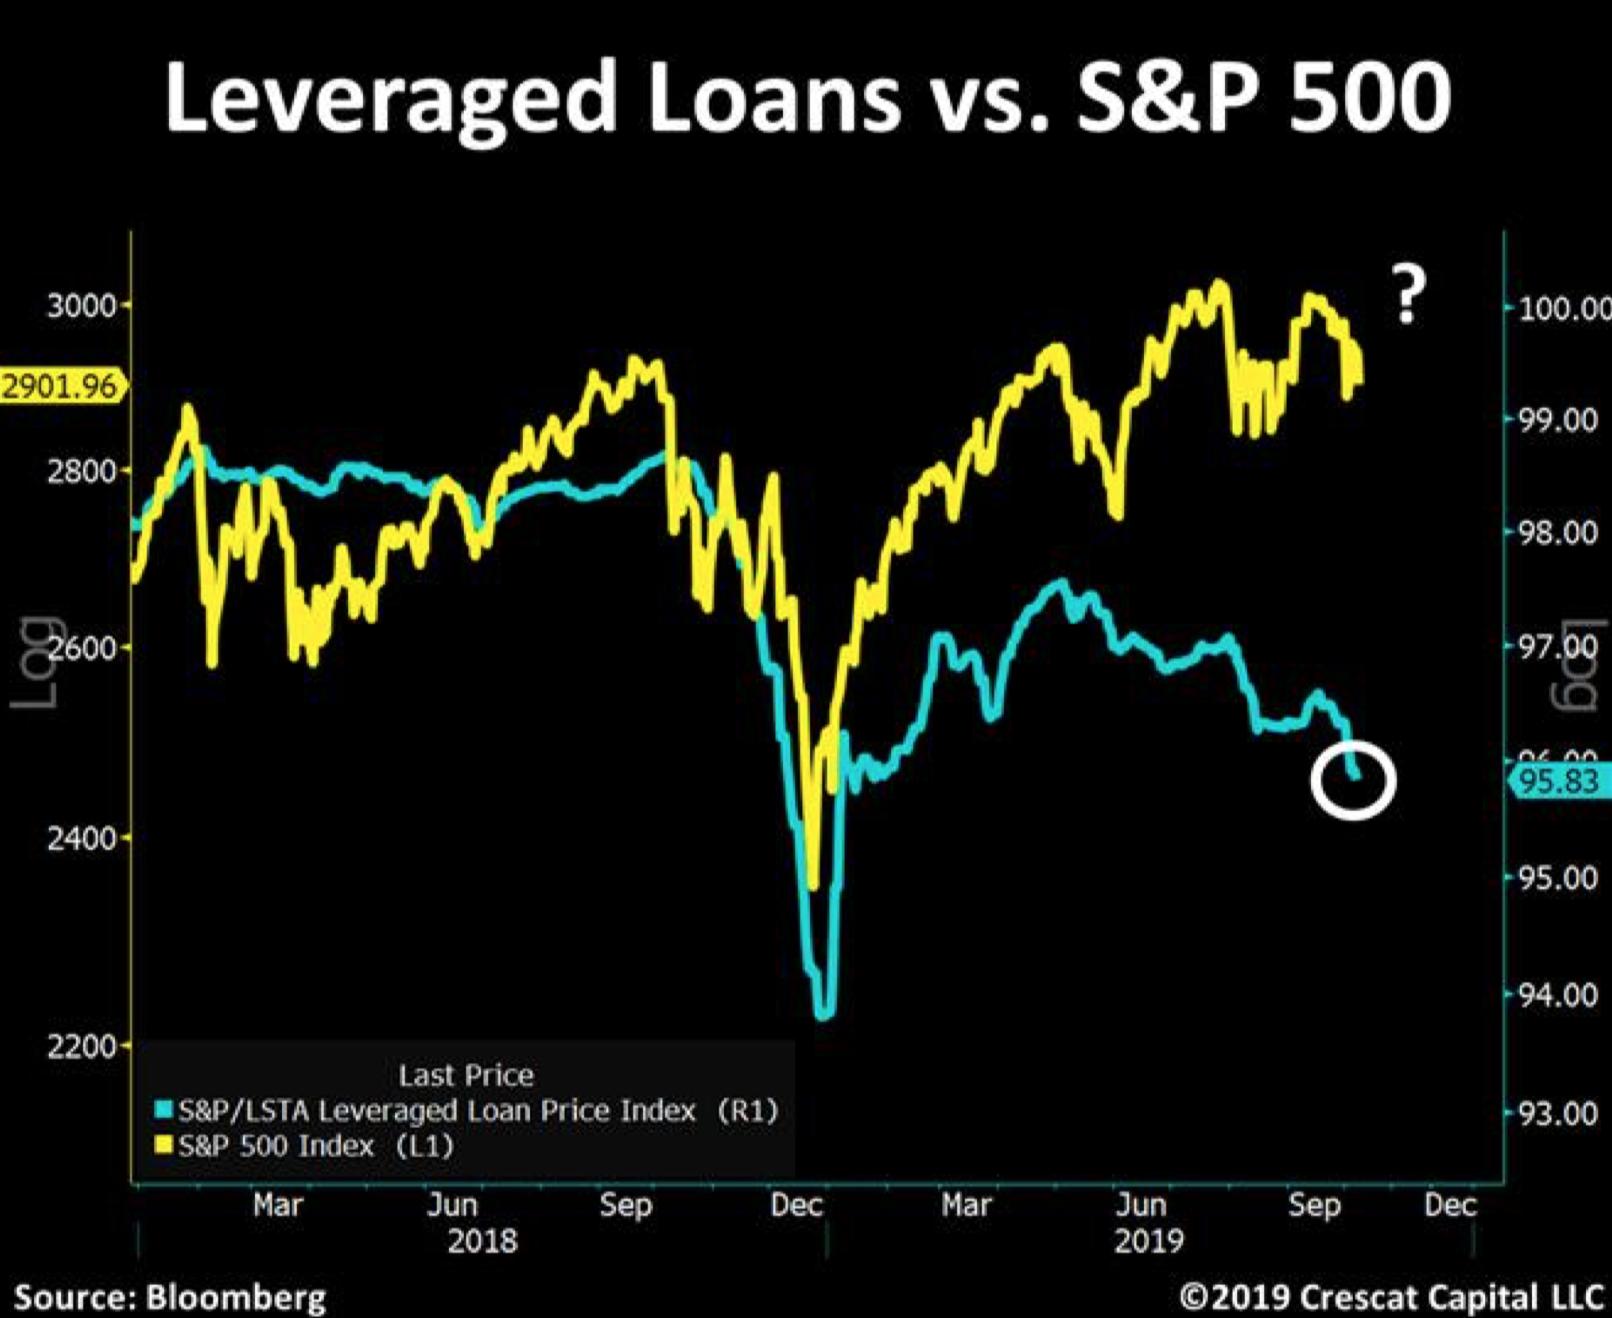 Leveraged Loans vs S&P 500 - Quelle: Crescat Capital LLC